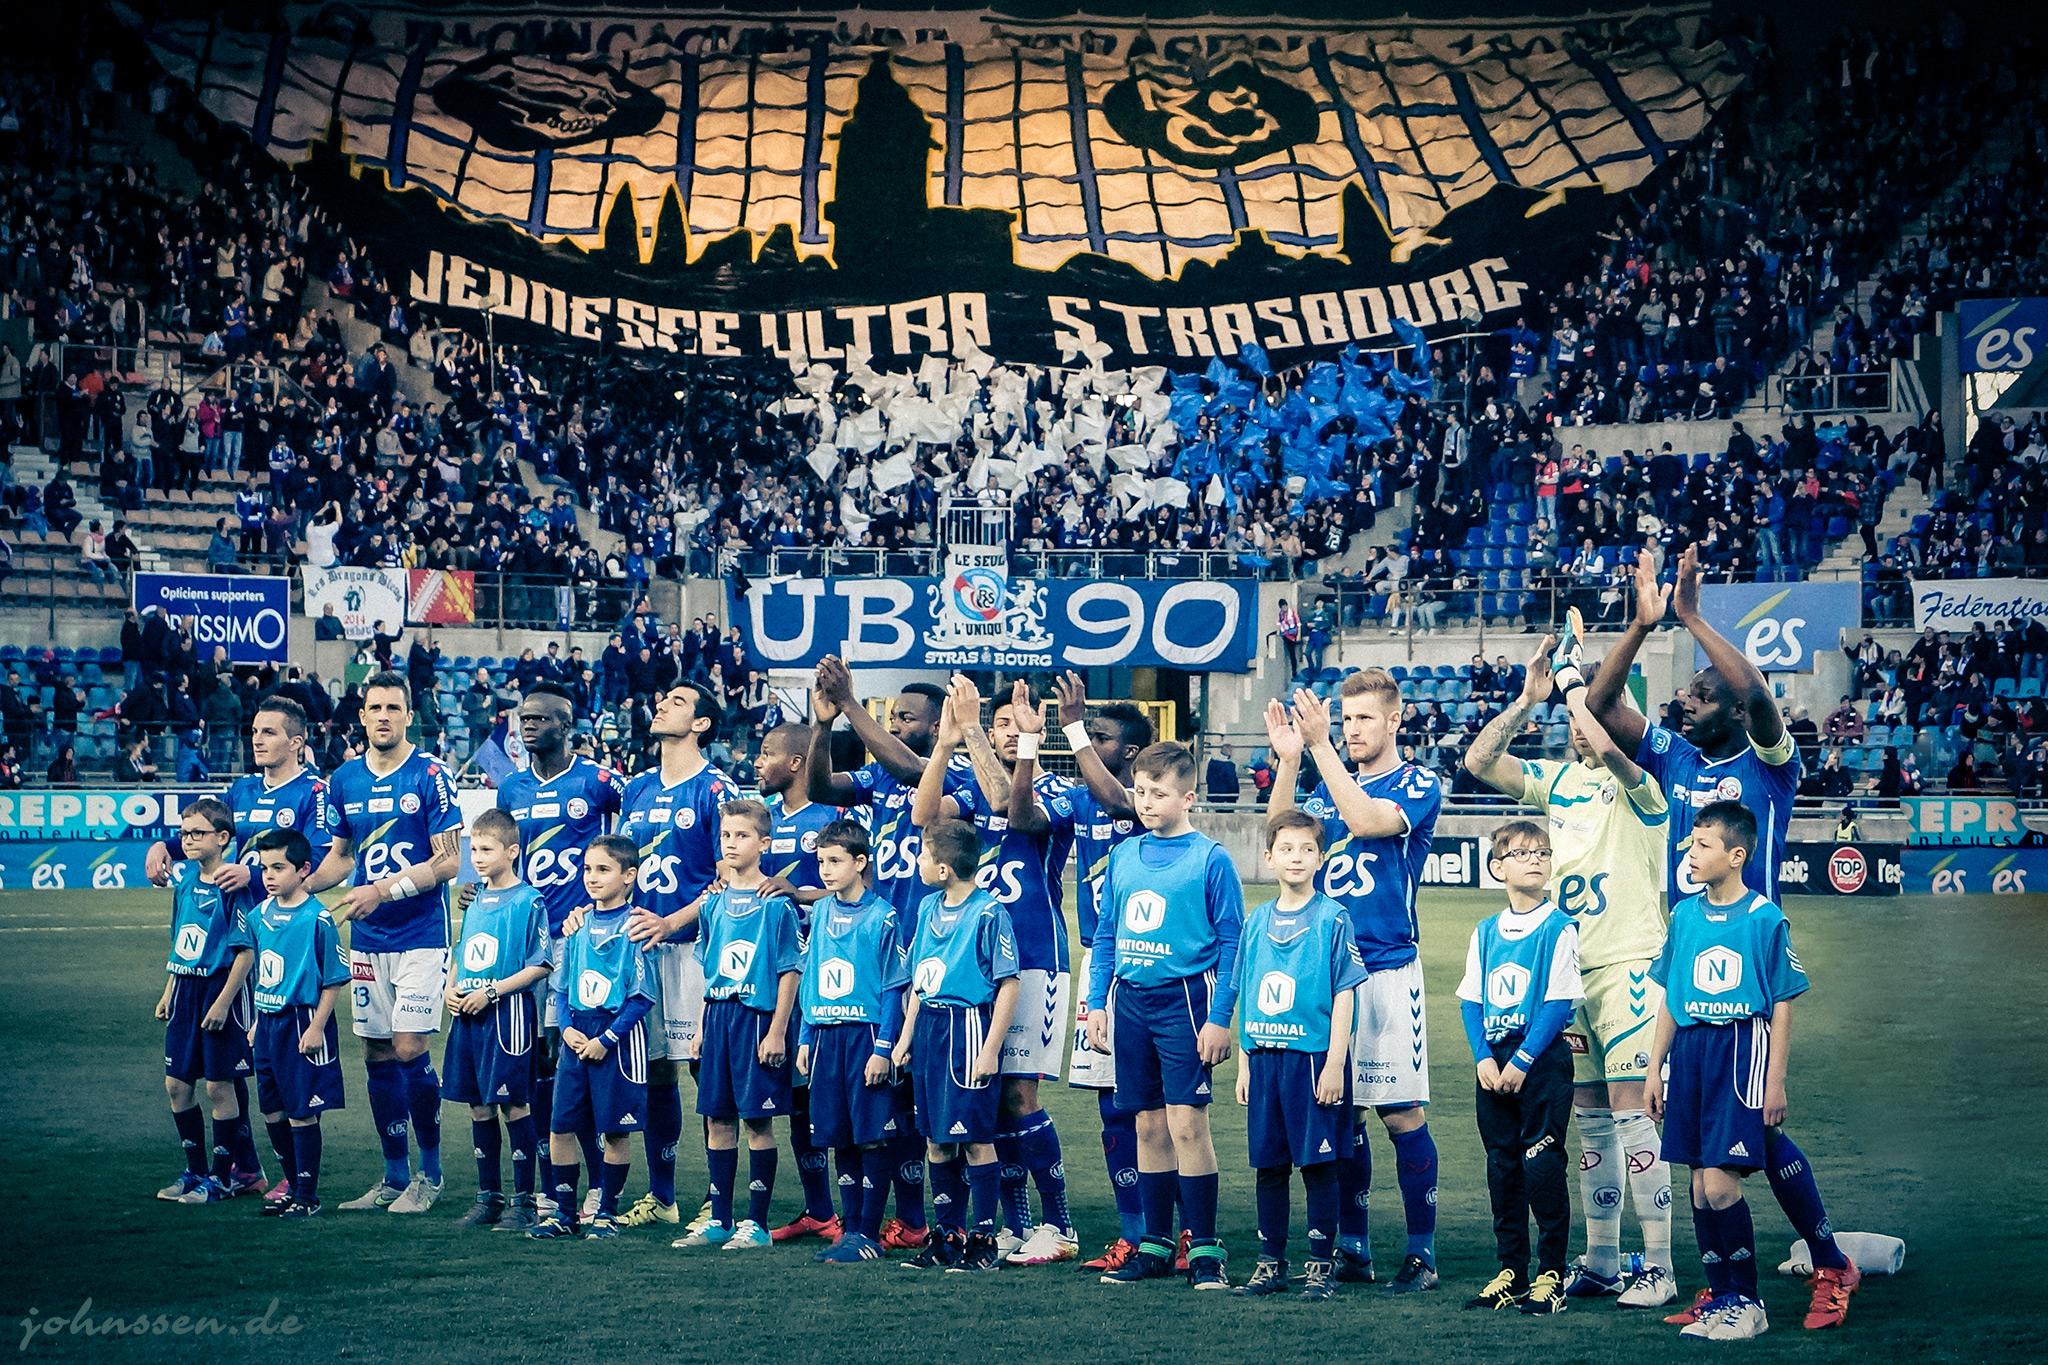 L'equipe devant le mur des supporters